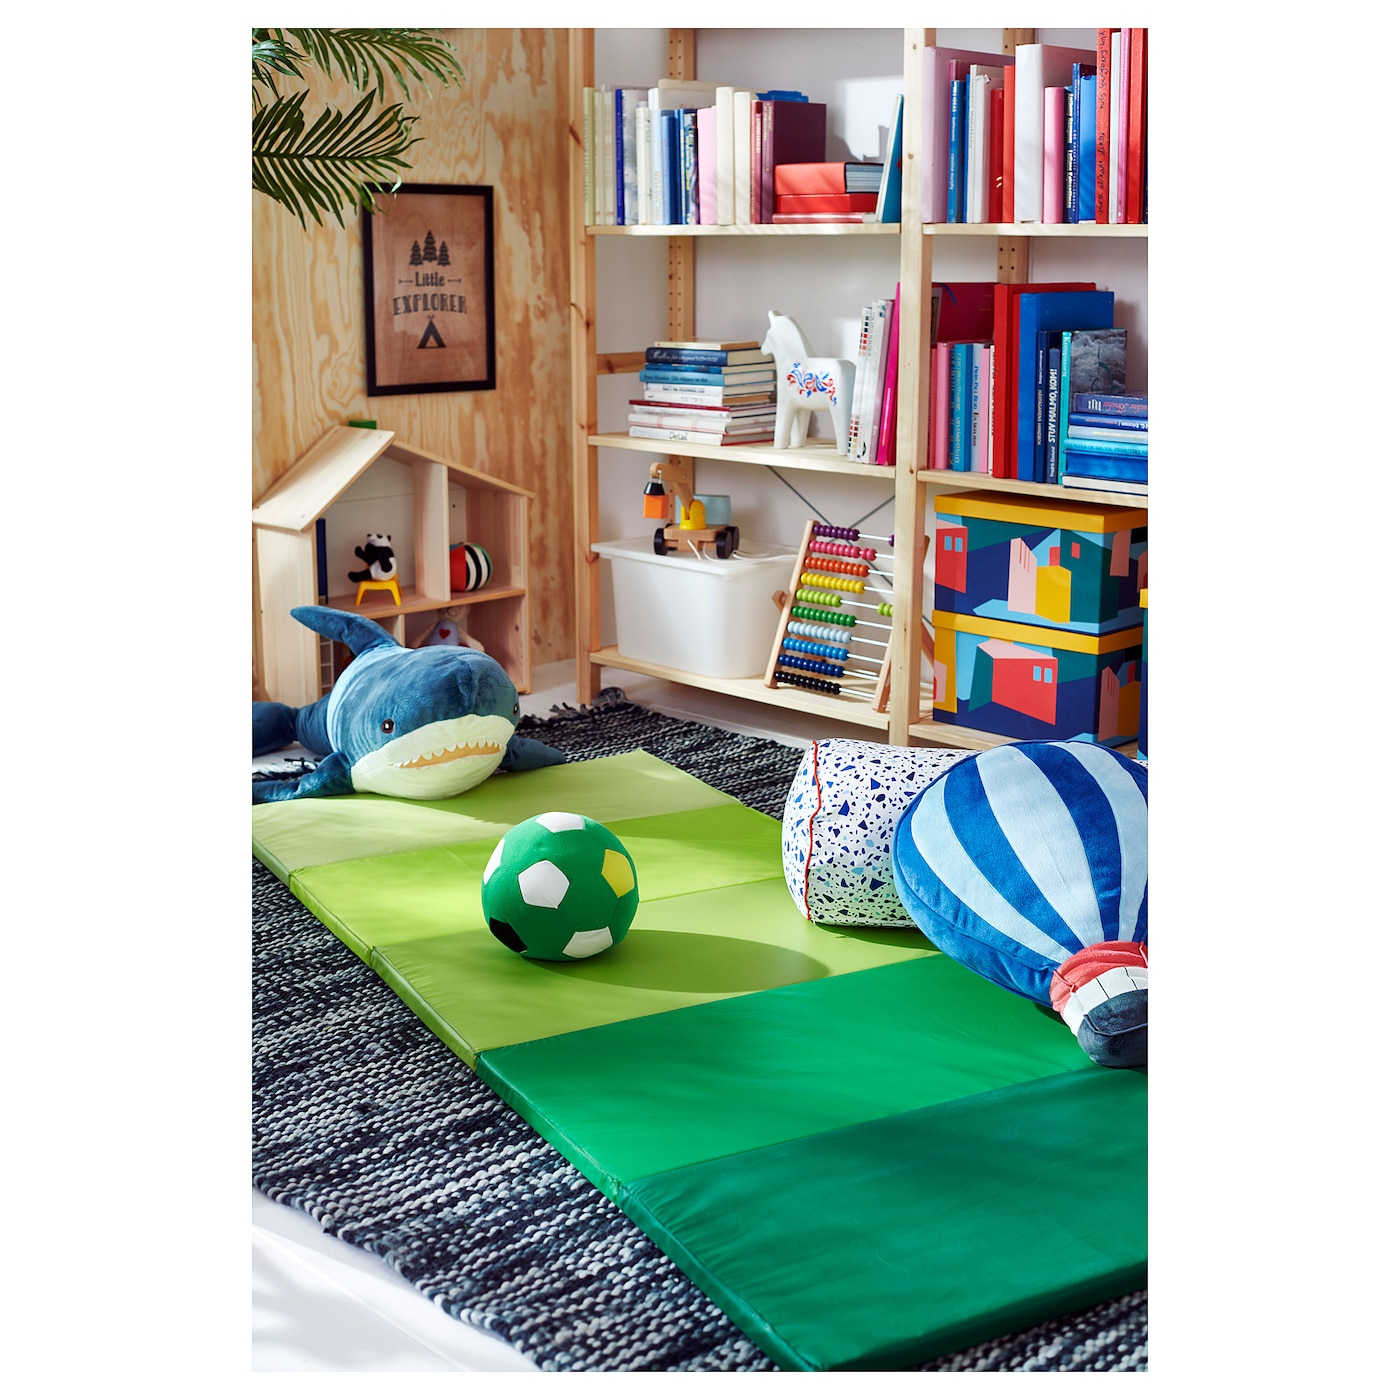 ПЛУФСІГ складаний спортивний килимок зелений 185 см 78 см 3.2 см